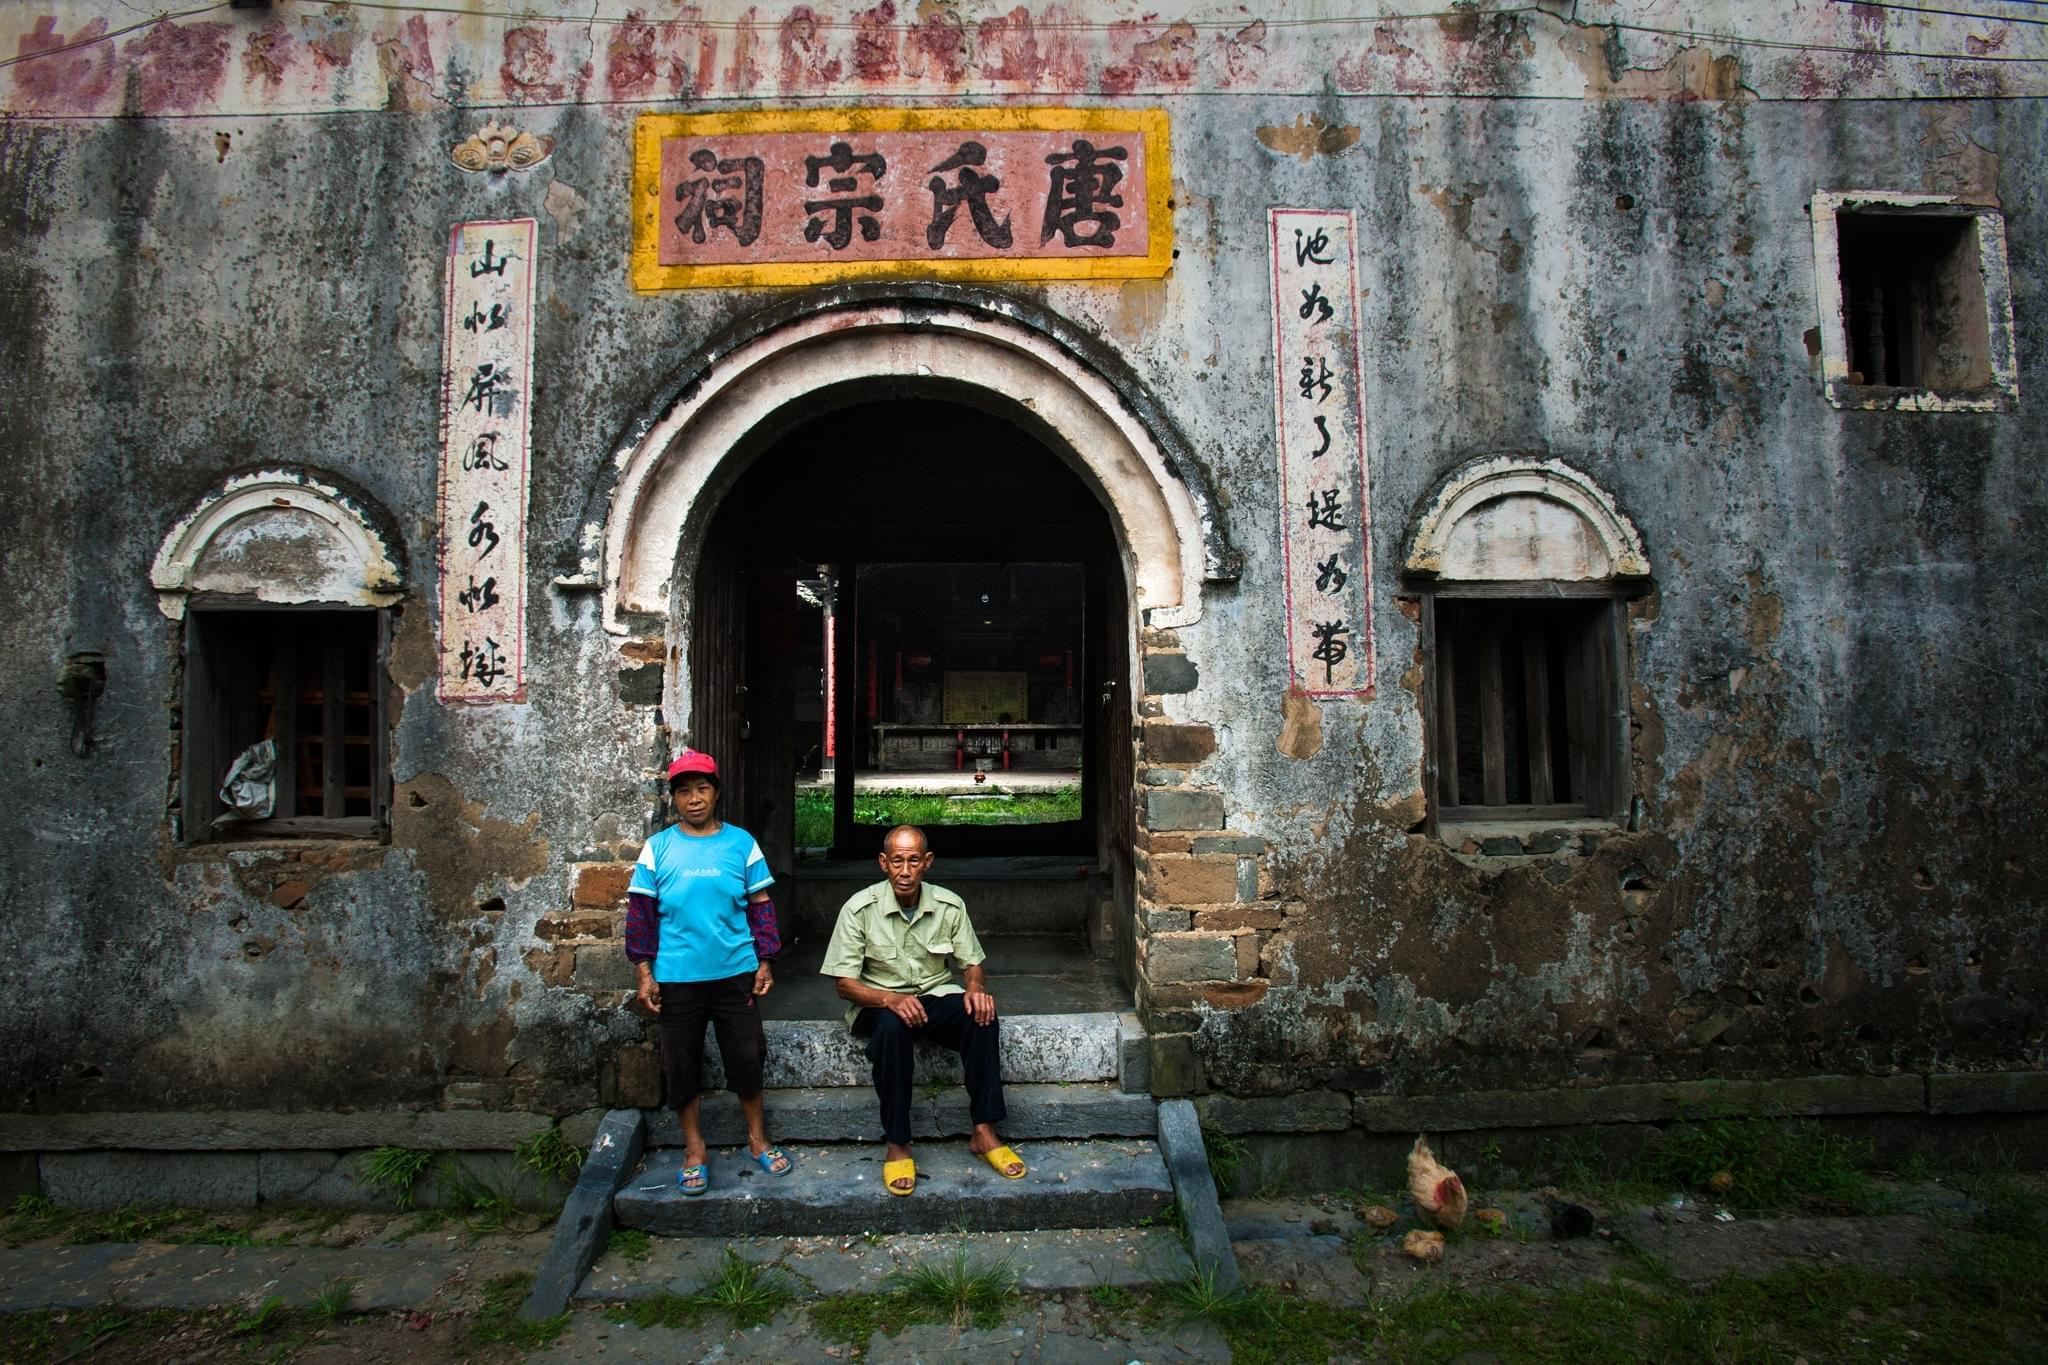 2015年9月10日,广西灌阳县仁义村唐家屯。73岁的唐葵和侄子辈的媳妇在打扫祠堂后休息,祠堂距今已有400年历史。 /东方IC